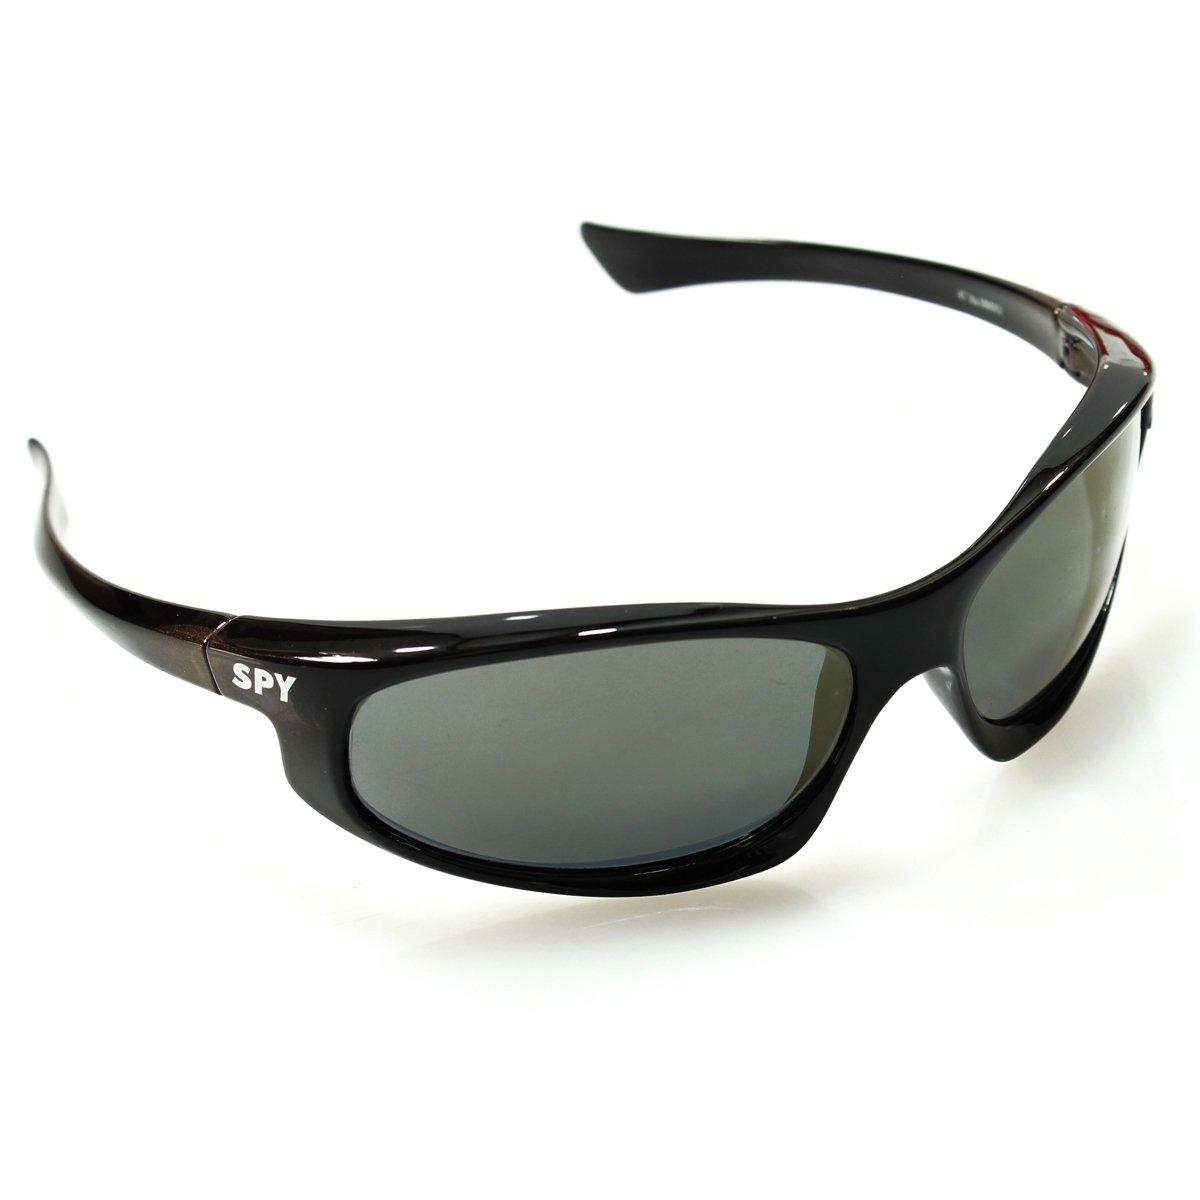 e56ec0d9e Óculos Spy Modelo Ita 47 Mmxv   Netshoes